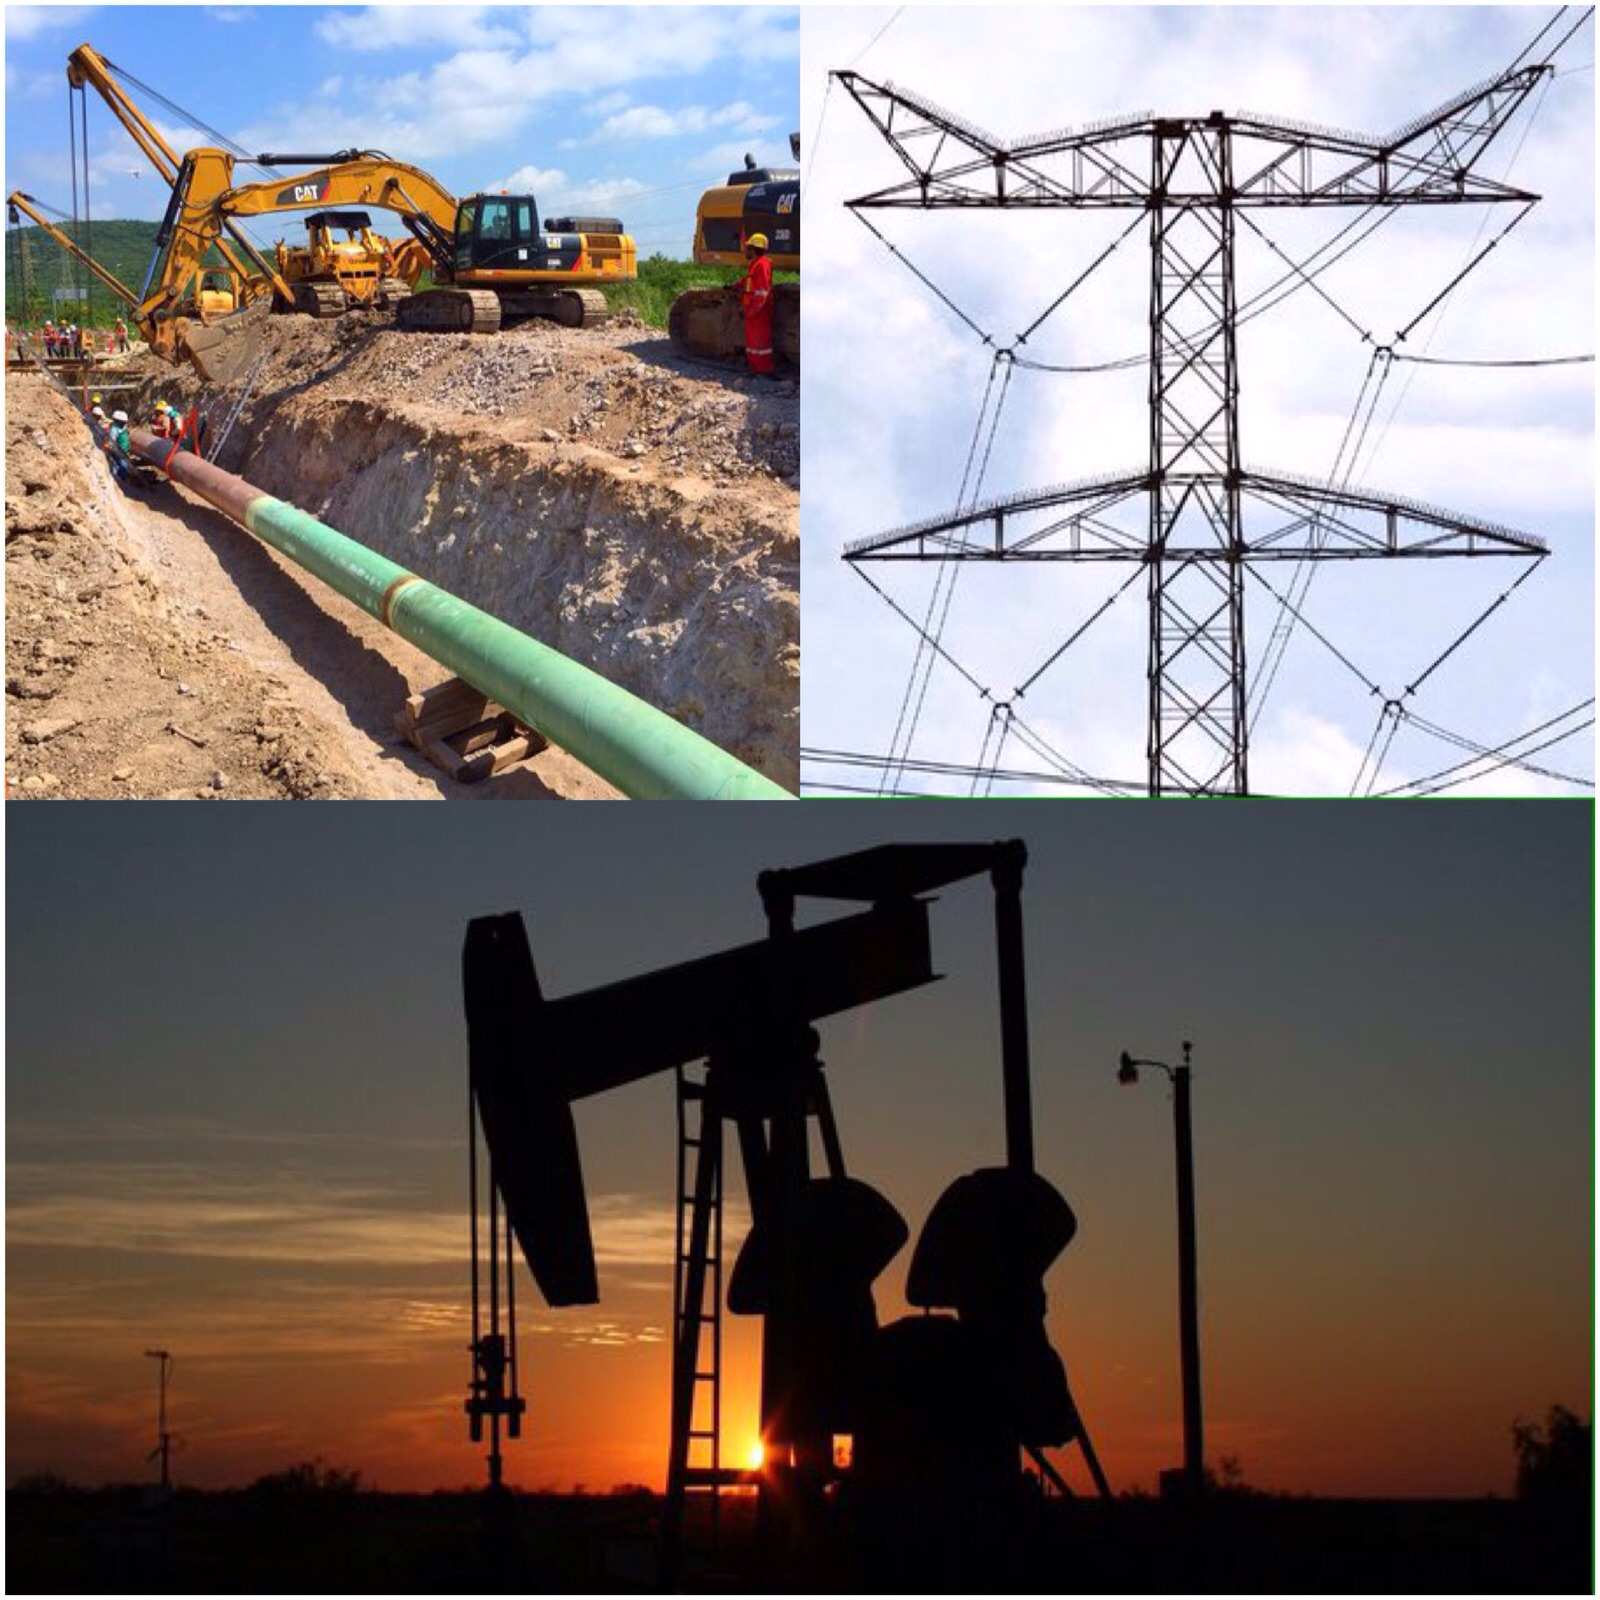 En 2015 se licitaron contratos de hidrocarburos con altos índices de transparencia: PJC